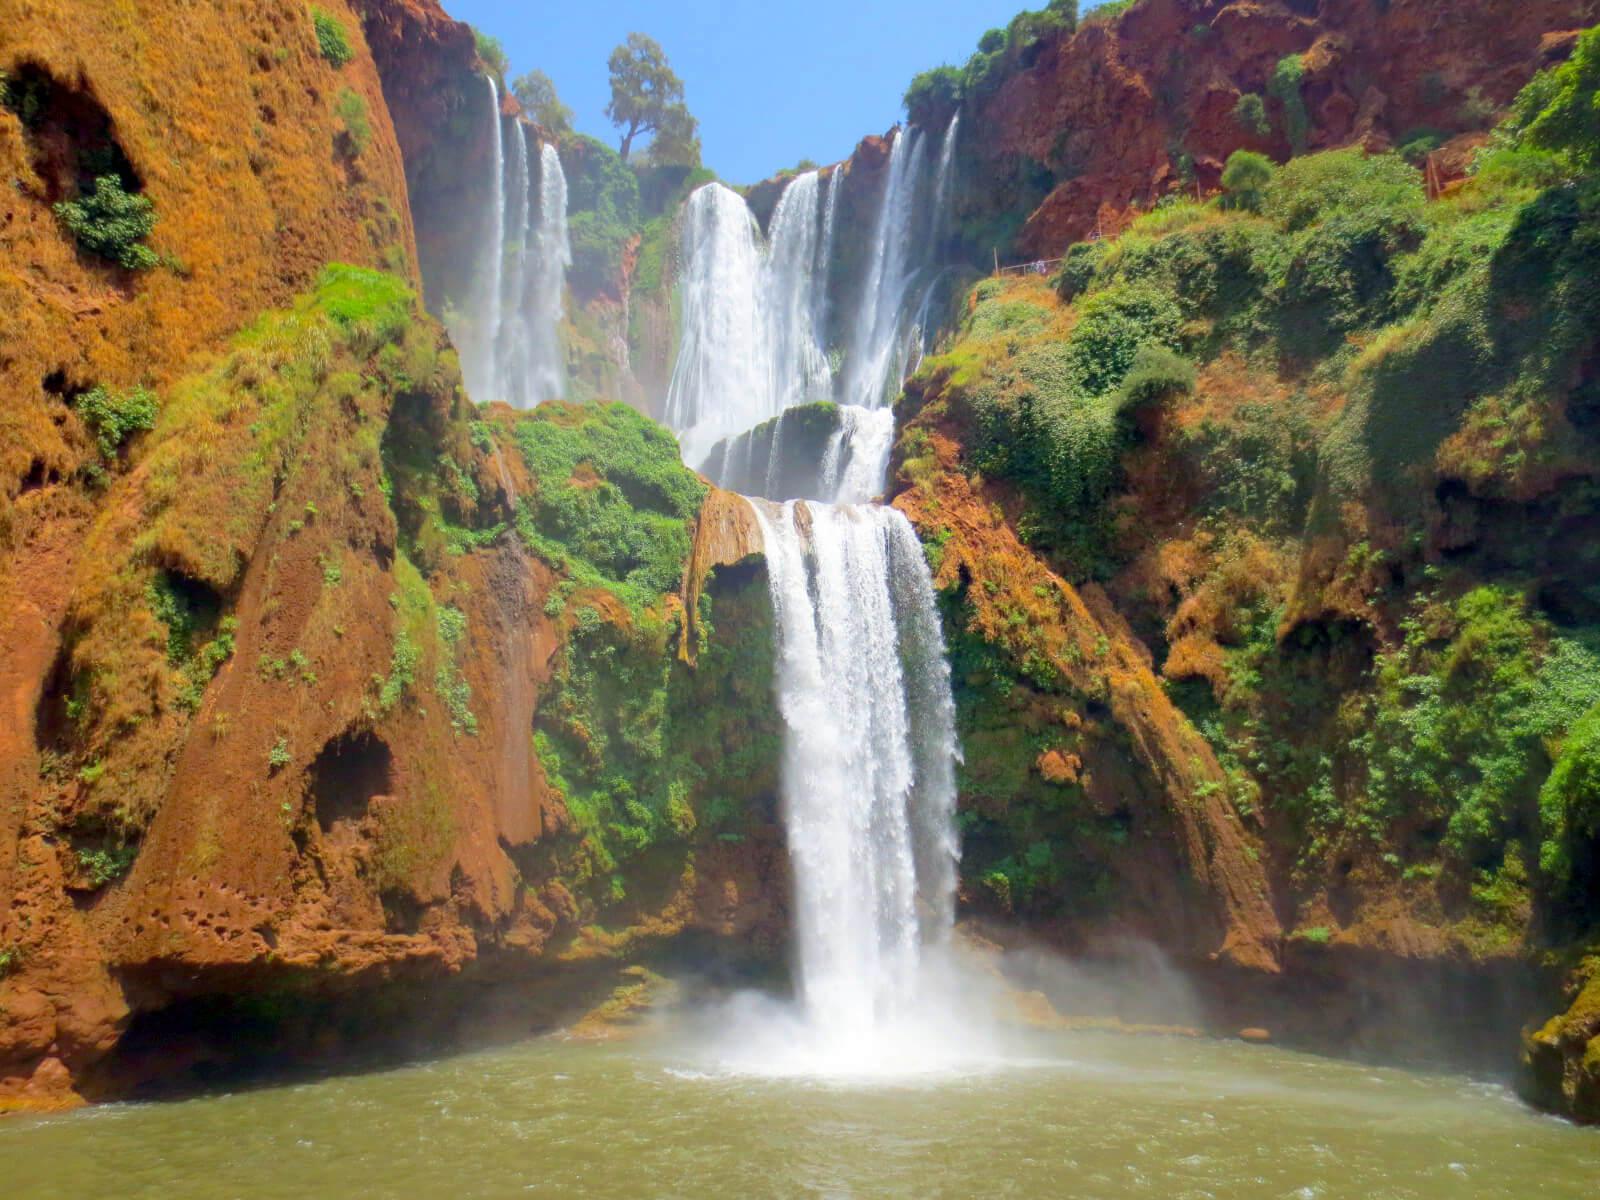 Sahara Desert Tour - Ouzoud Falls